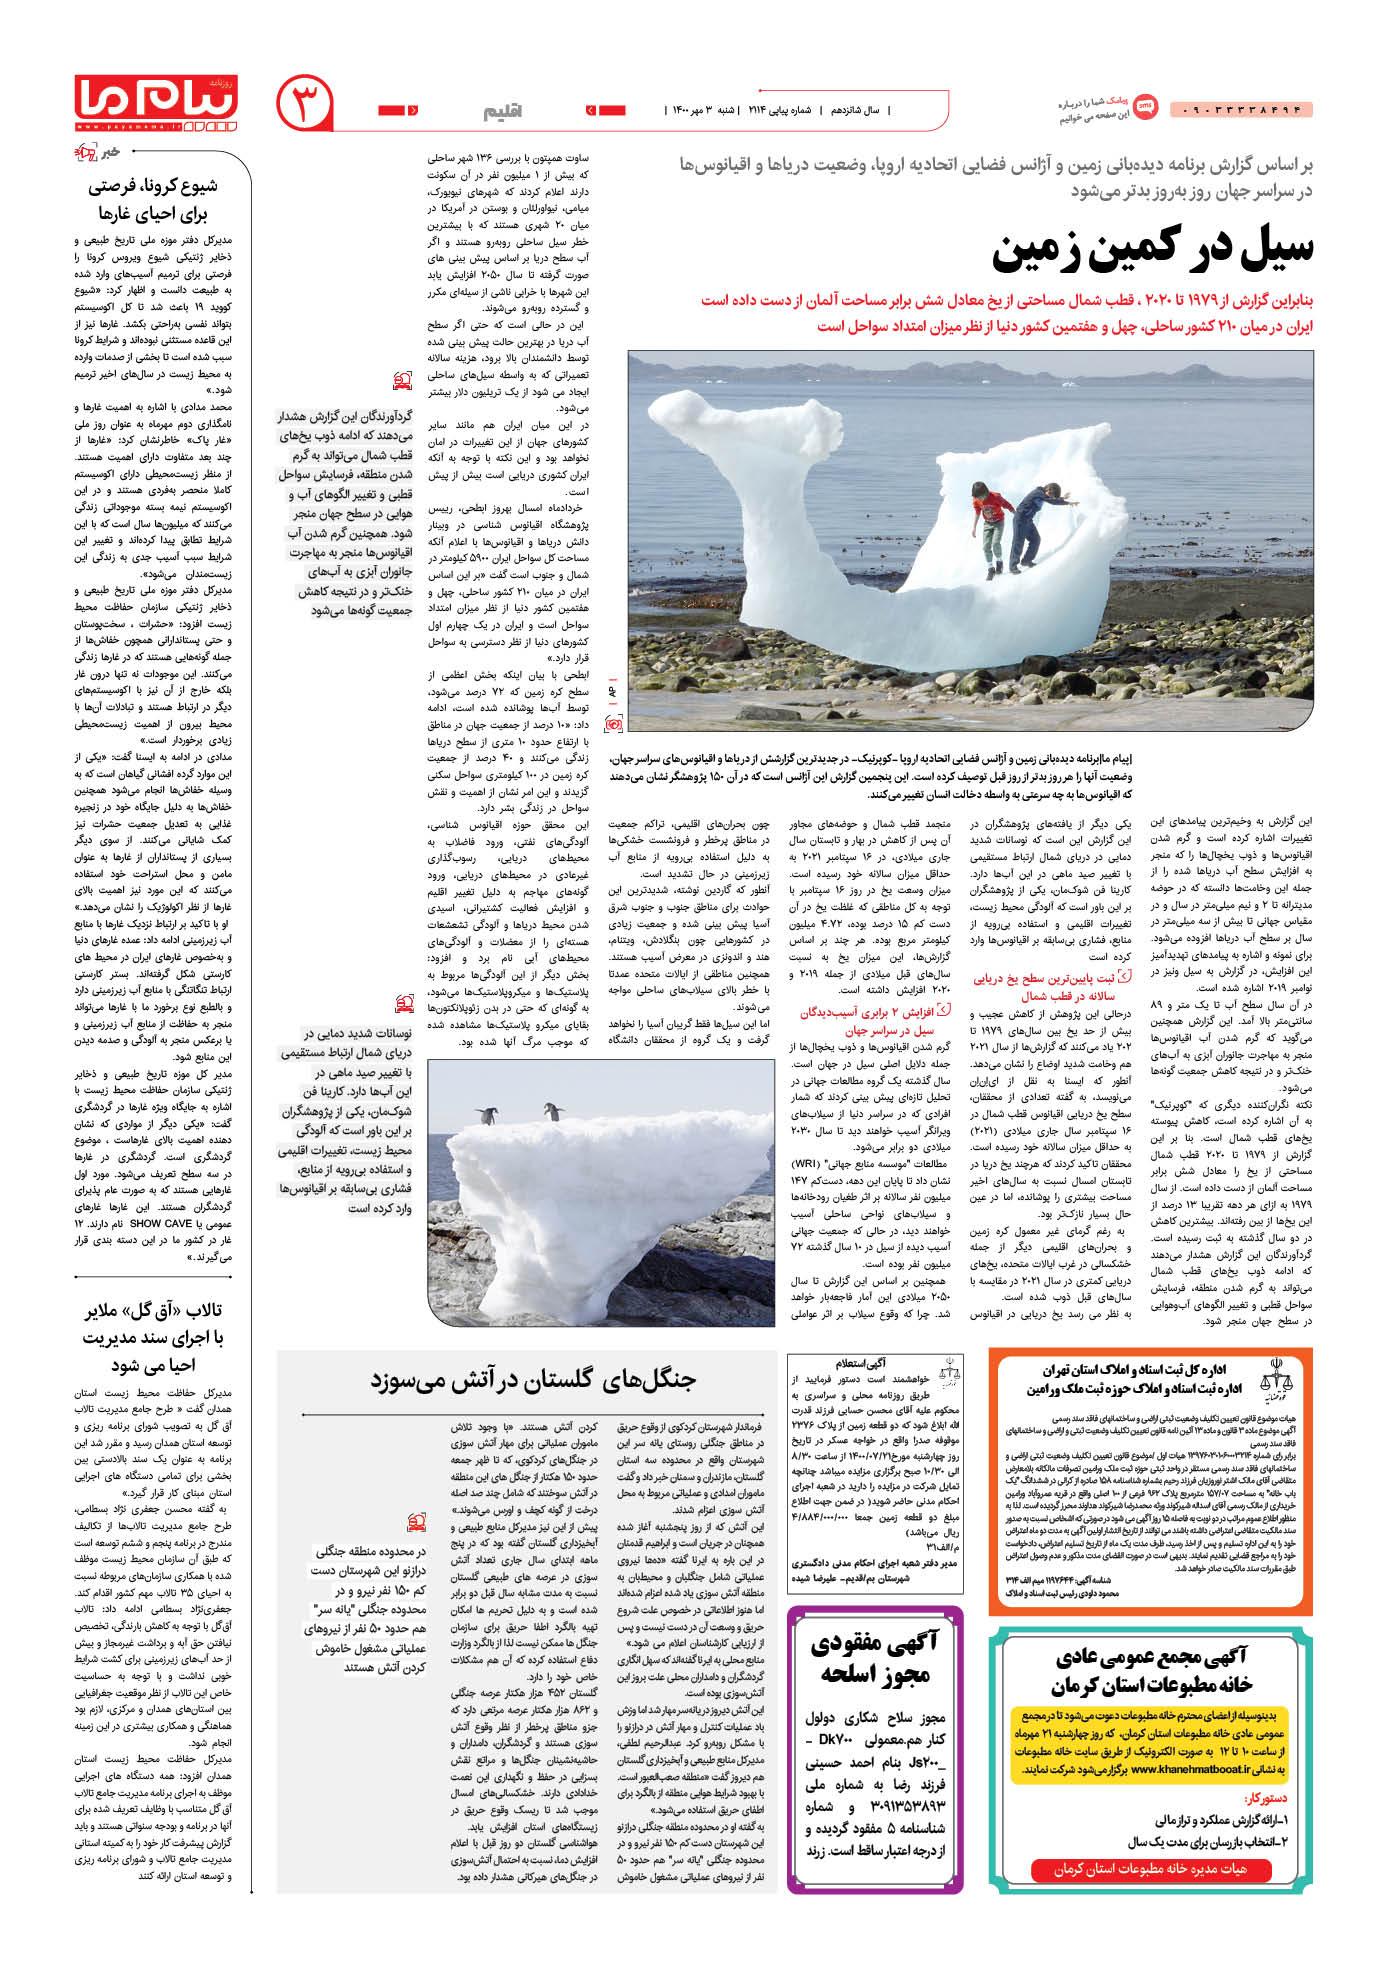 صفحه اقلیم شماره 2114 روزنامه پیام ما